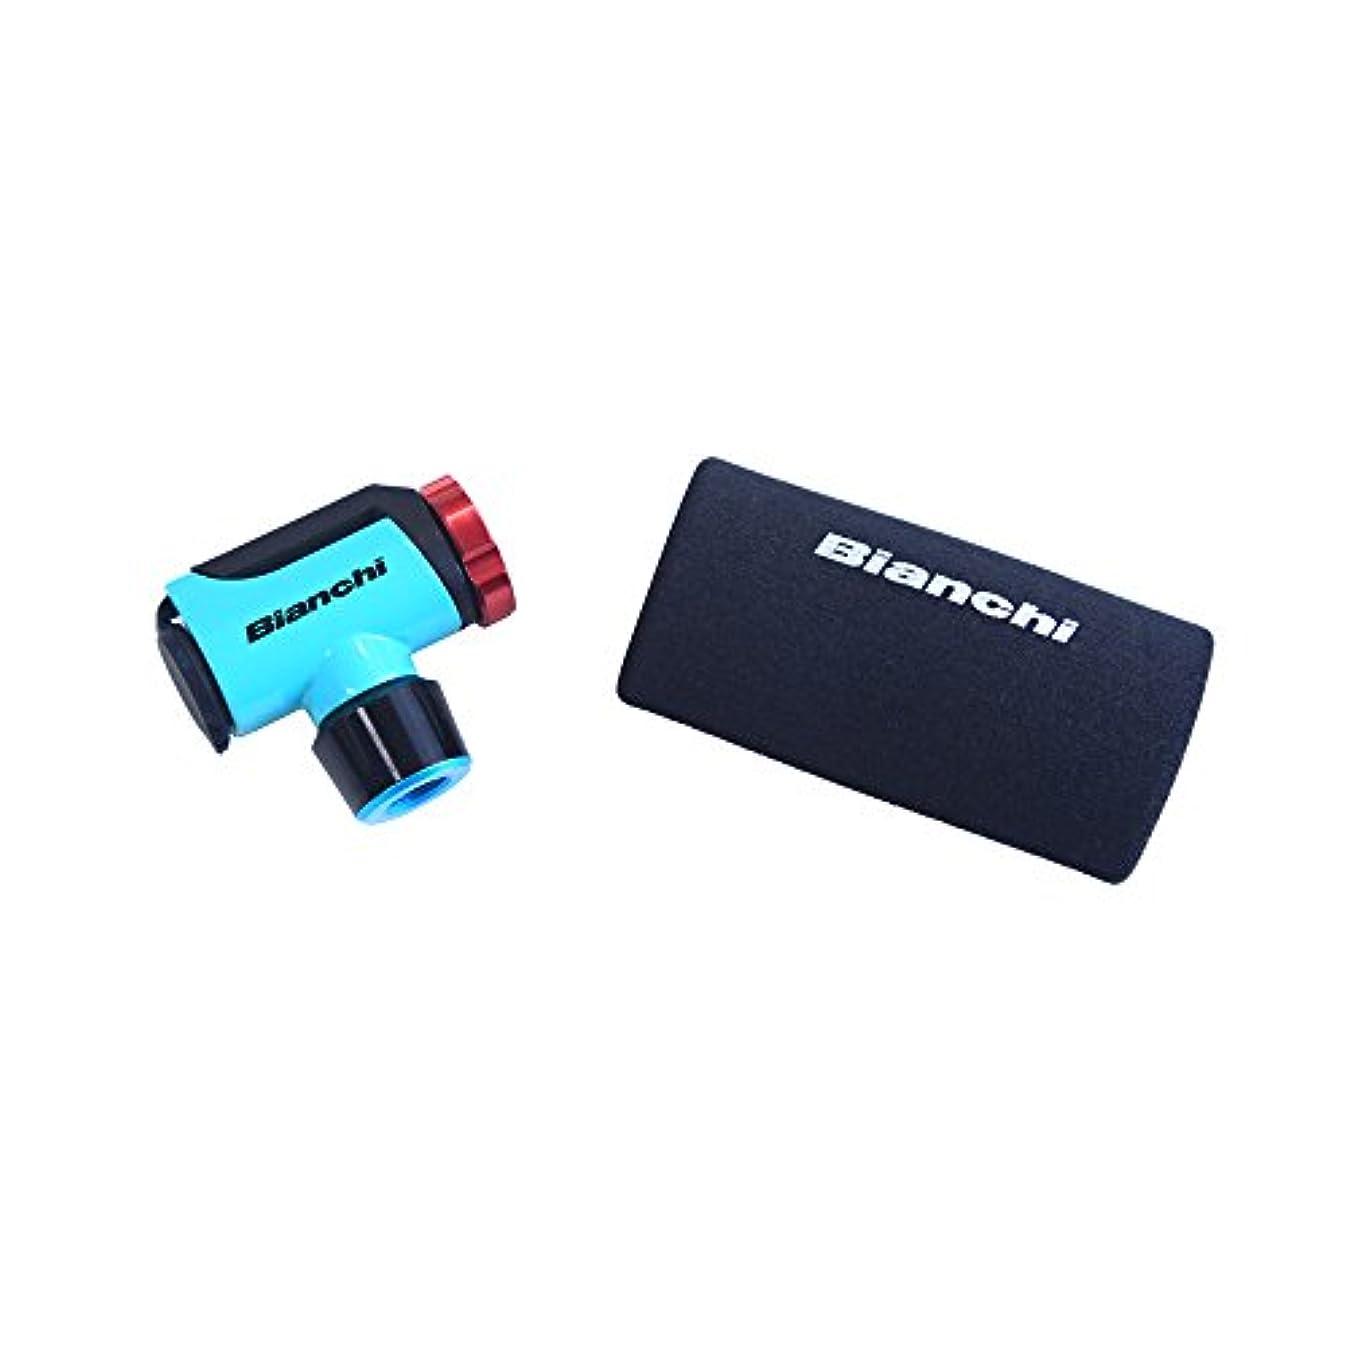 練習電極ボルトBianchi(ビアンキ) インフレーター CO2インフレーター JPP02090001XX0